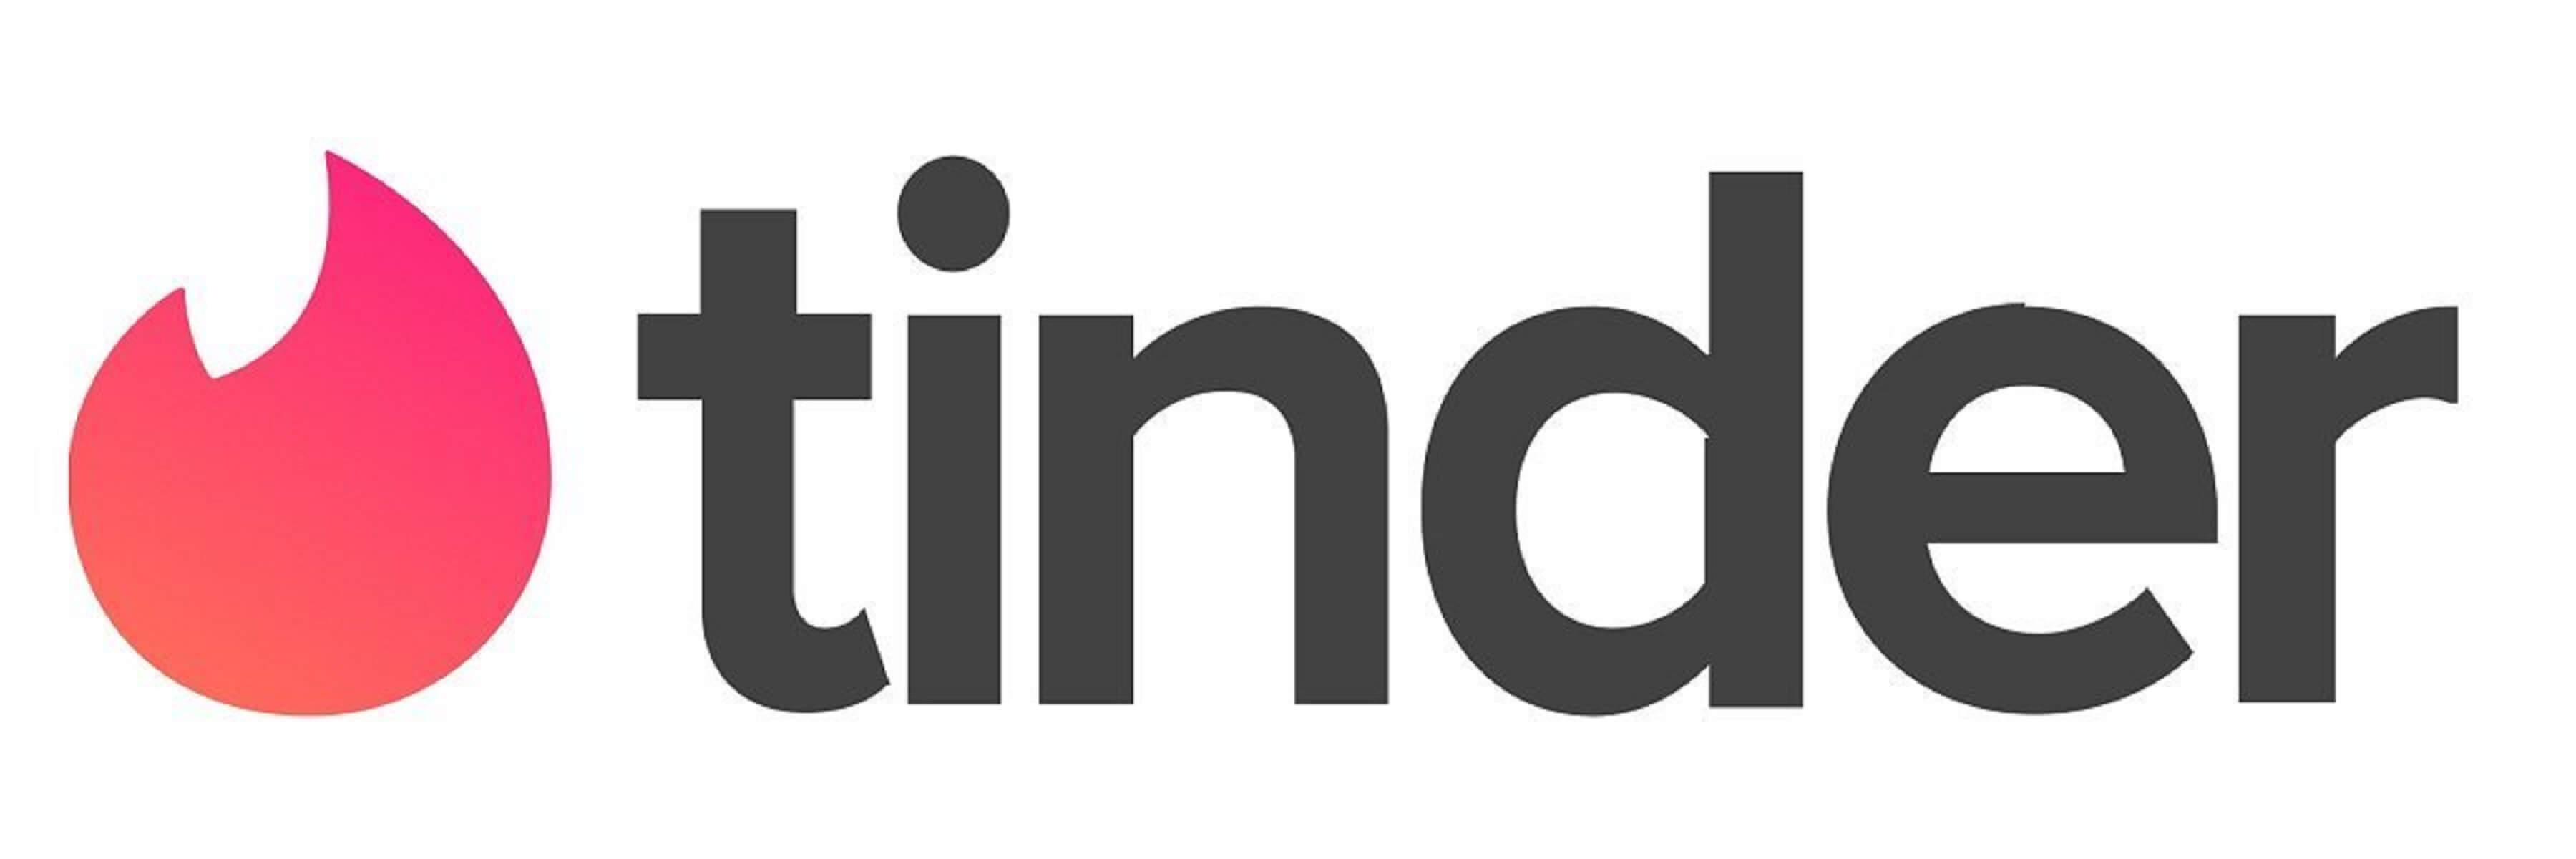 tinder-logo